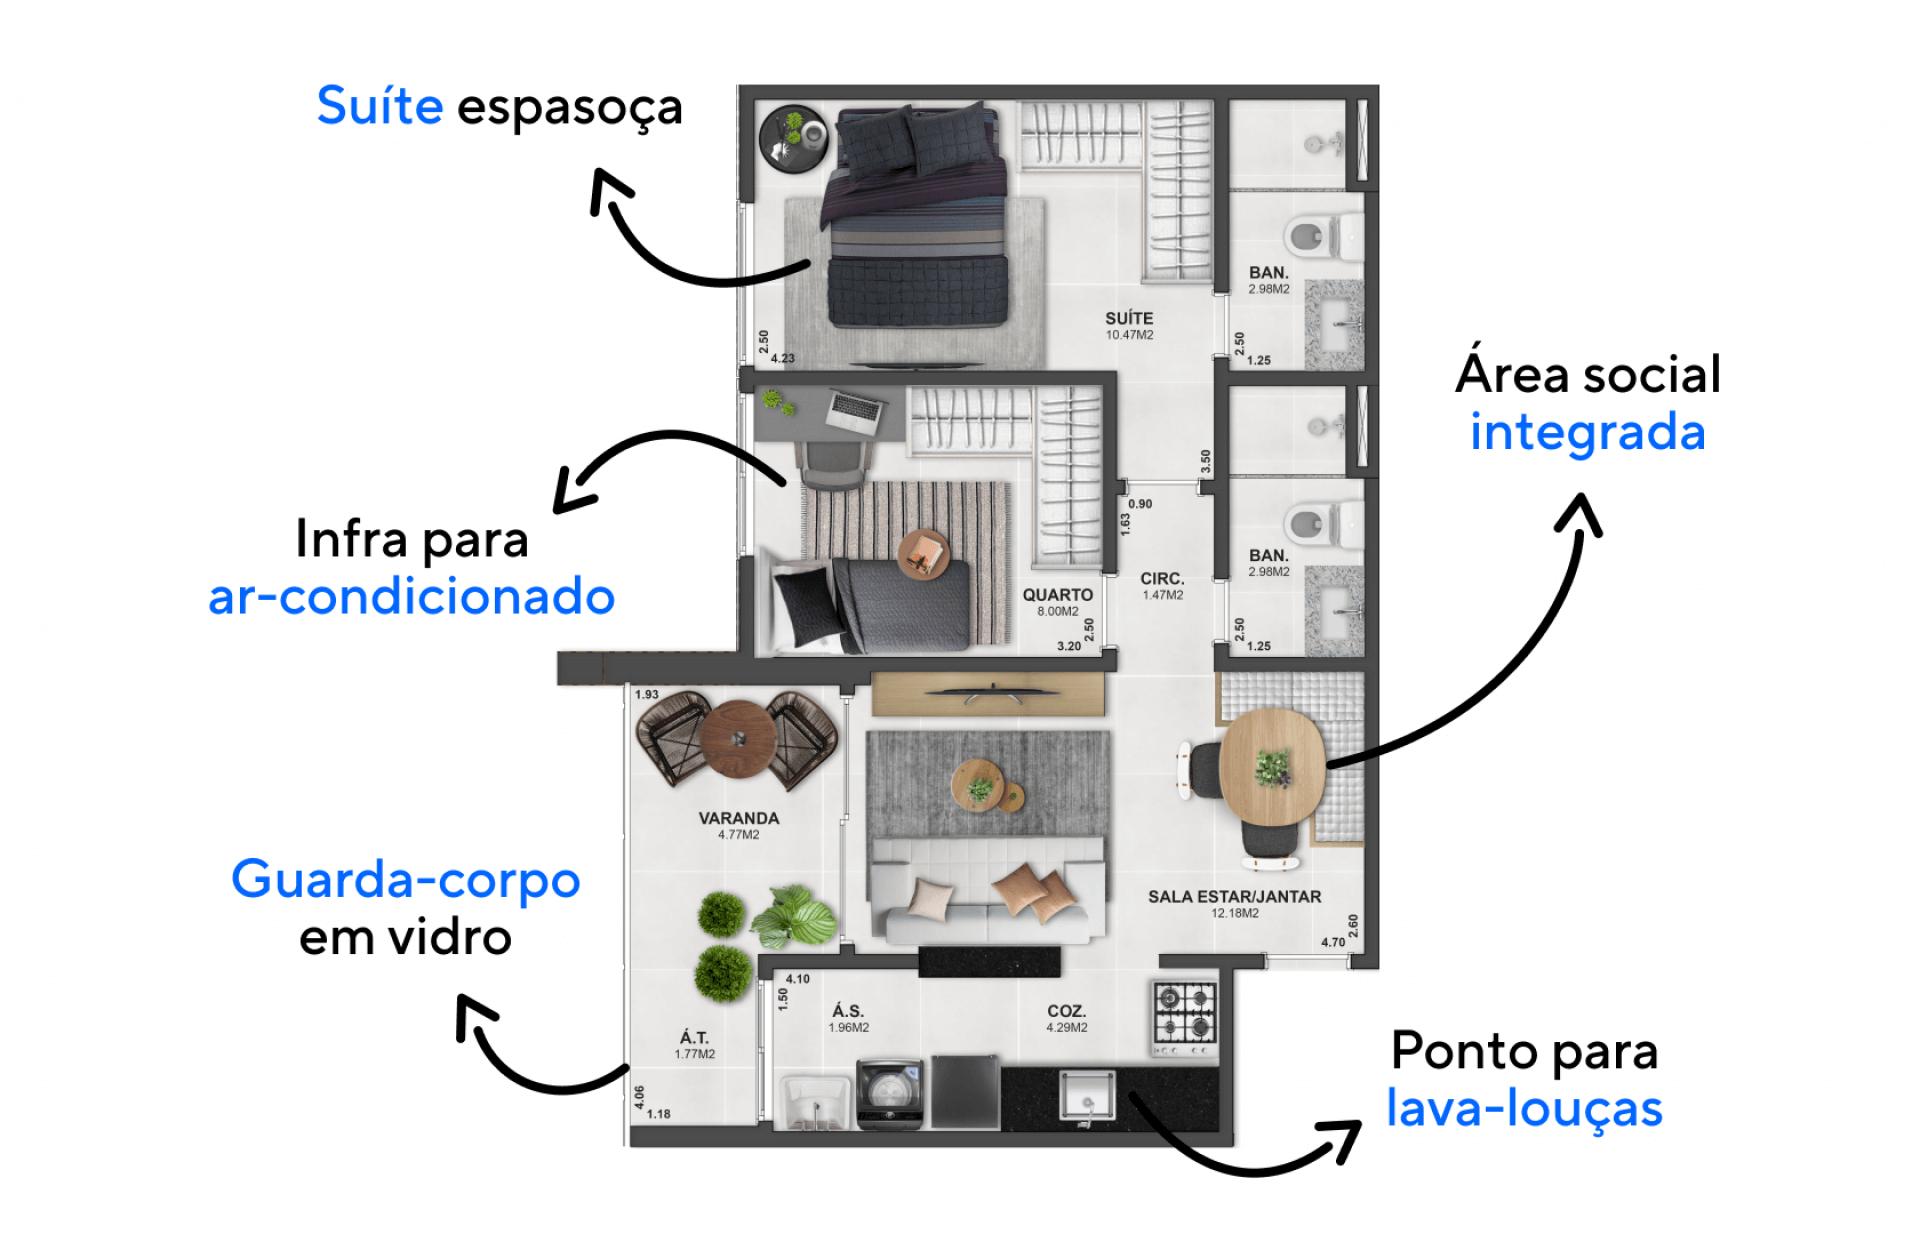 55 M² - 2 QUARTOS, SENDO 1 SUÍTE. Apartamentos com boa setorização entre espaços sociais e quartos, assim os momentos de descanso se tornam mais íntimos e privativos.